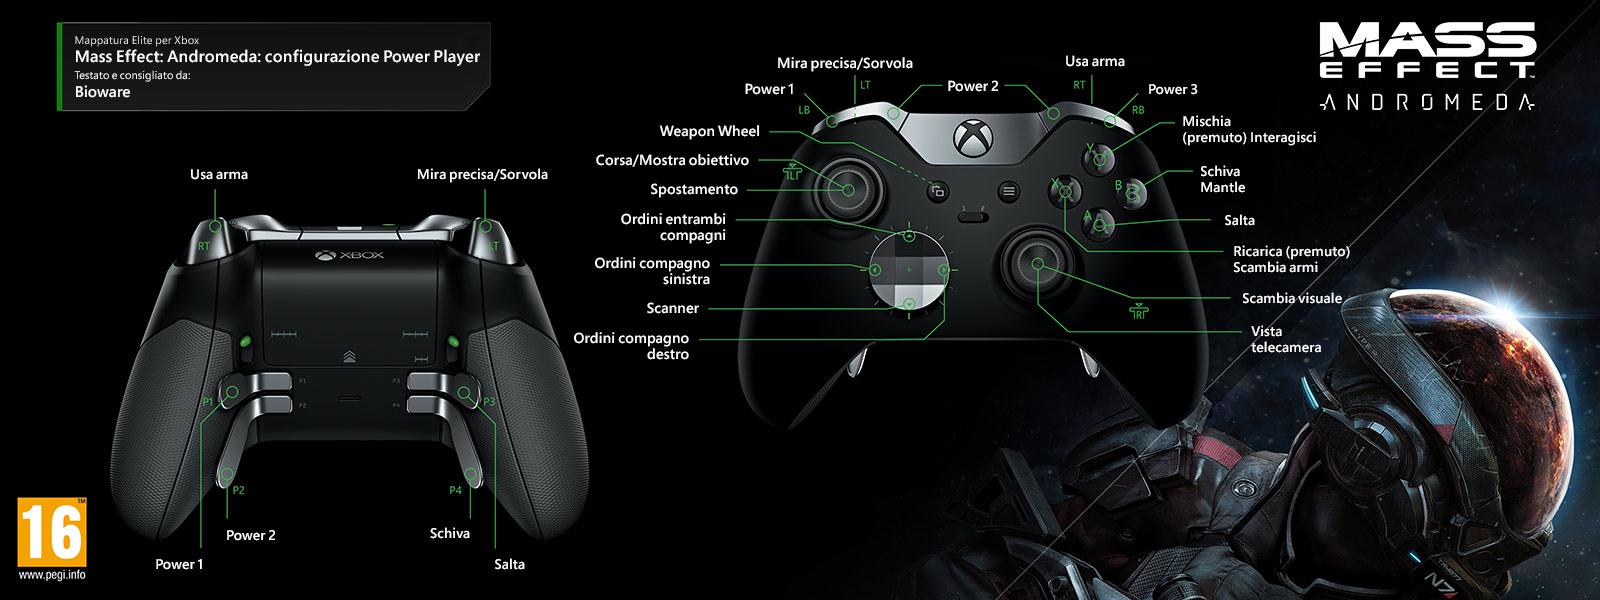 Mass Effect: Andromeda - Configurazione Power Player